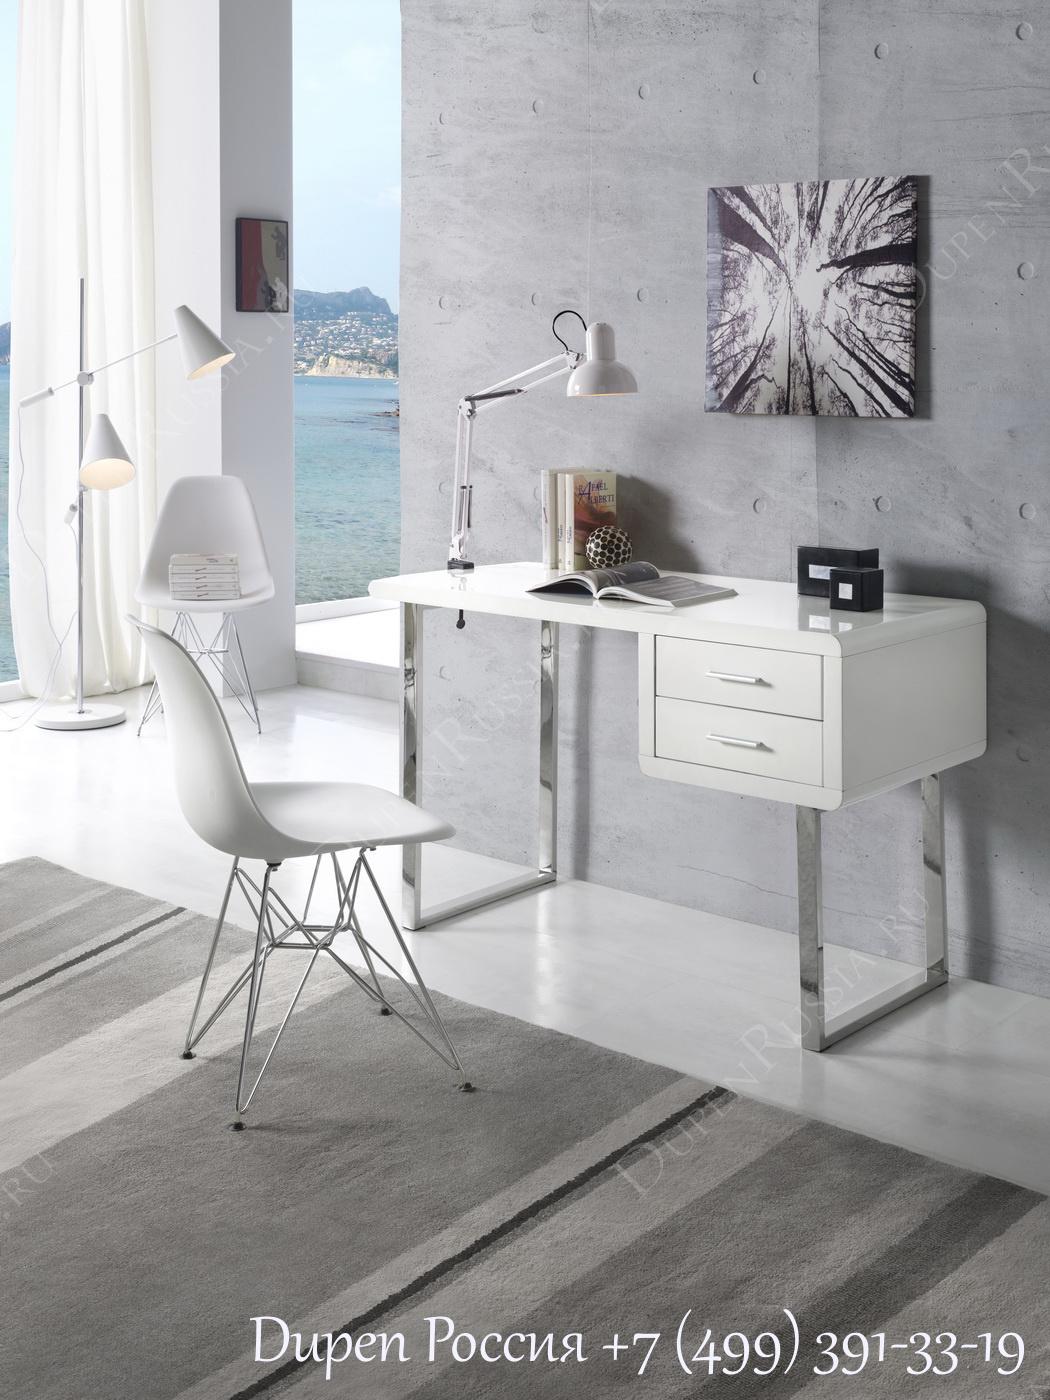 Компьютерный стол DUPEN DK-902 Белый, стул DUPEN PC231